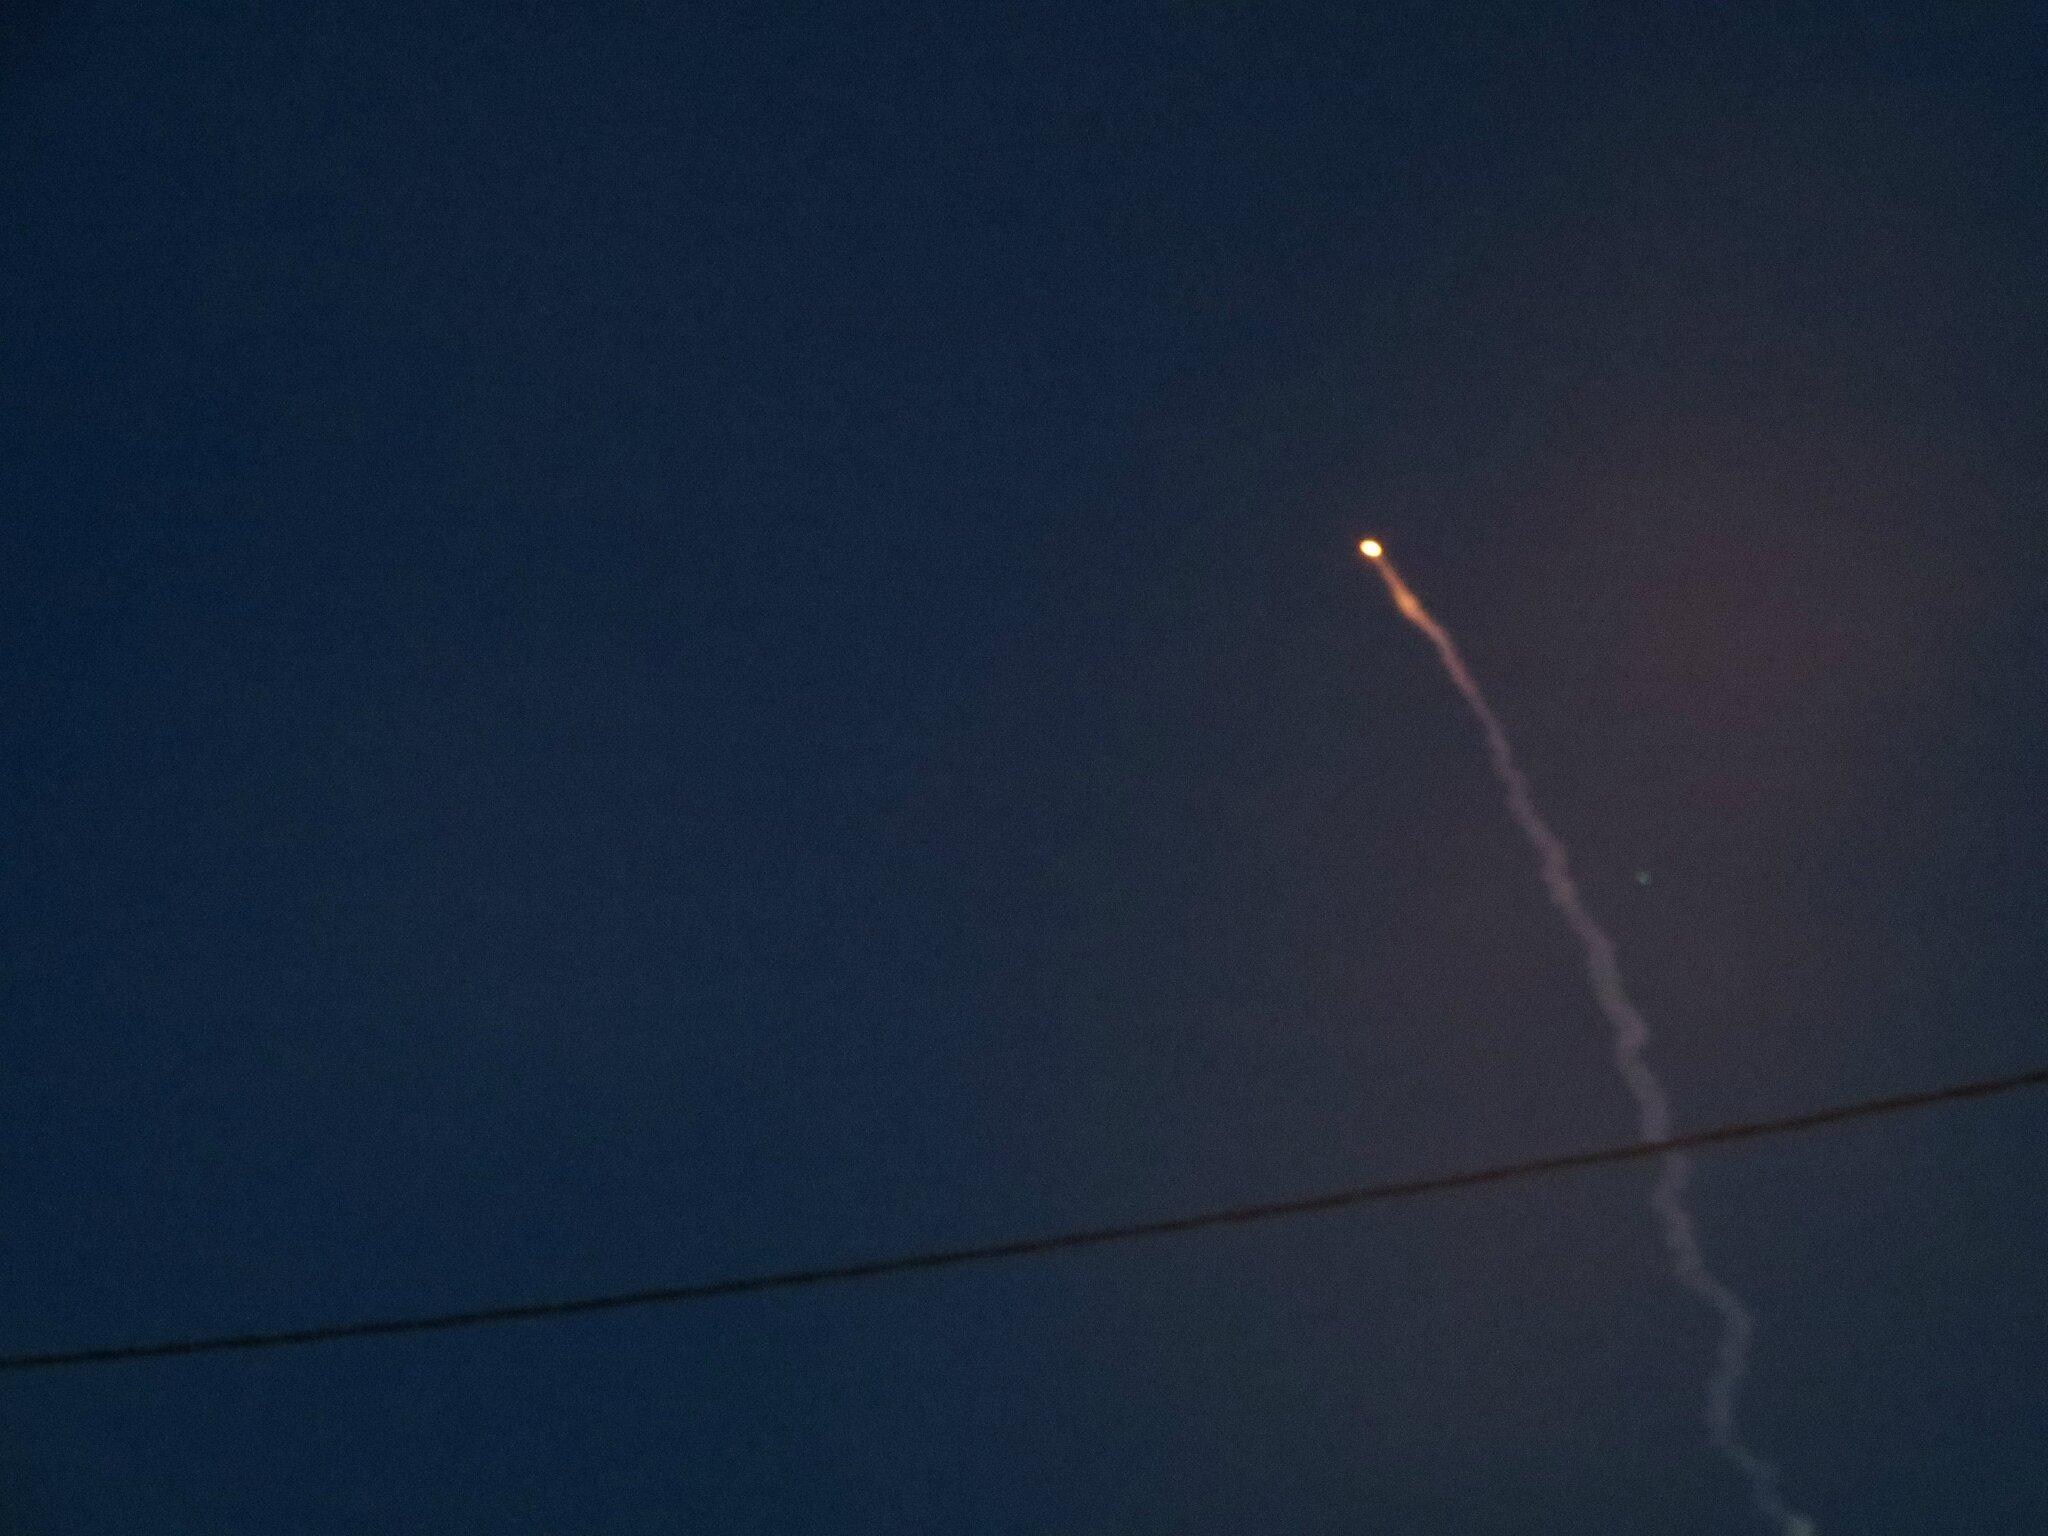 * Ariane 5 depuis Saint Laurent du Maroni *